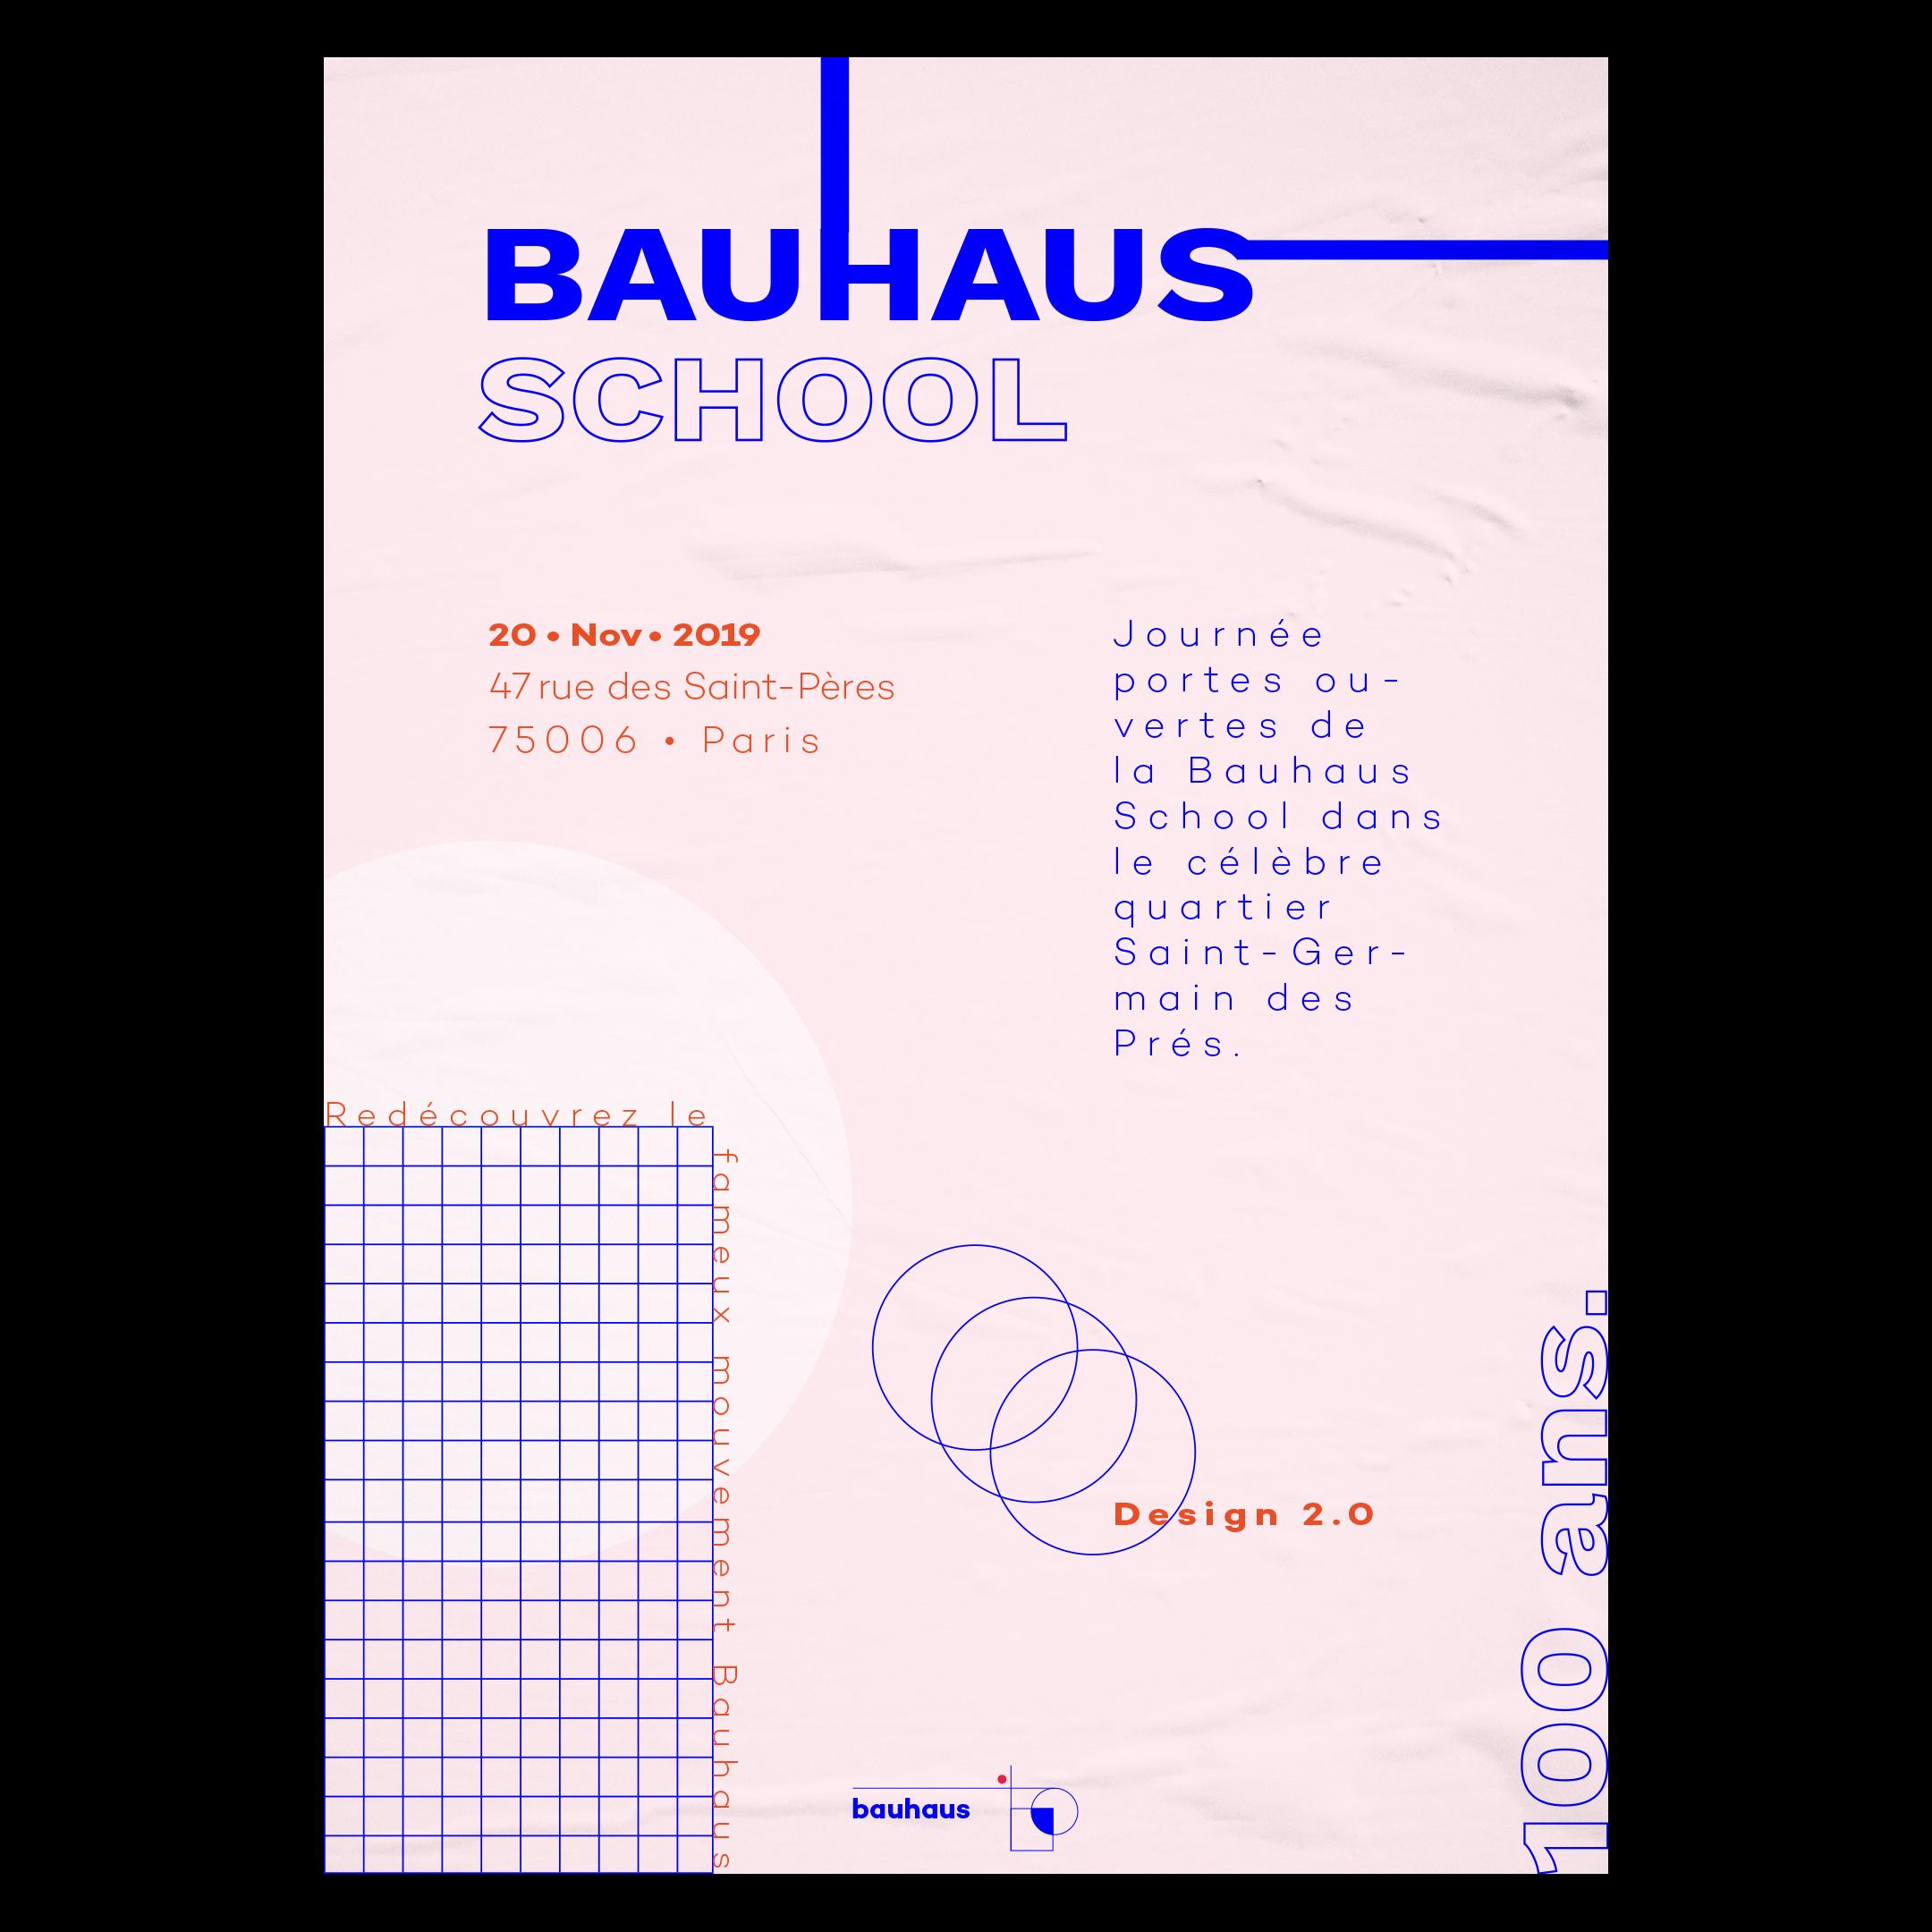 Affiche graphique, avec une direction artistique vintage, pour la réouverture et le centenaire du Bauhaus, école de design allemande créer en 1919 par l'architecte Walter Gropius.